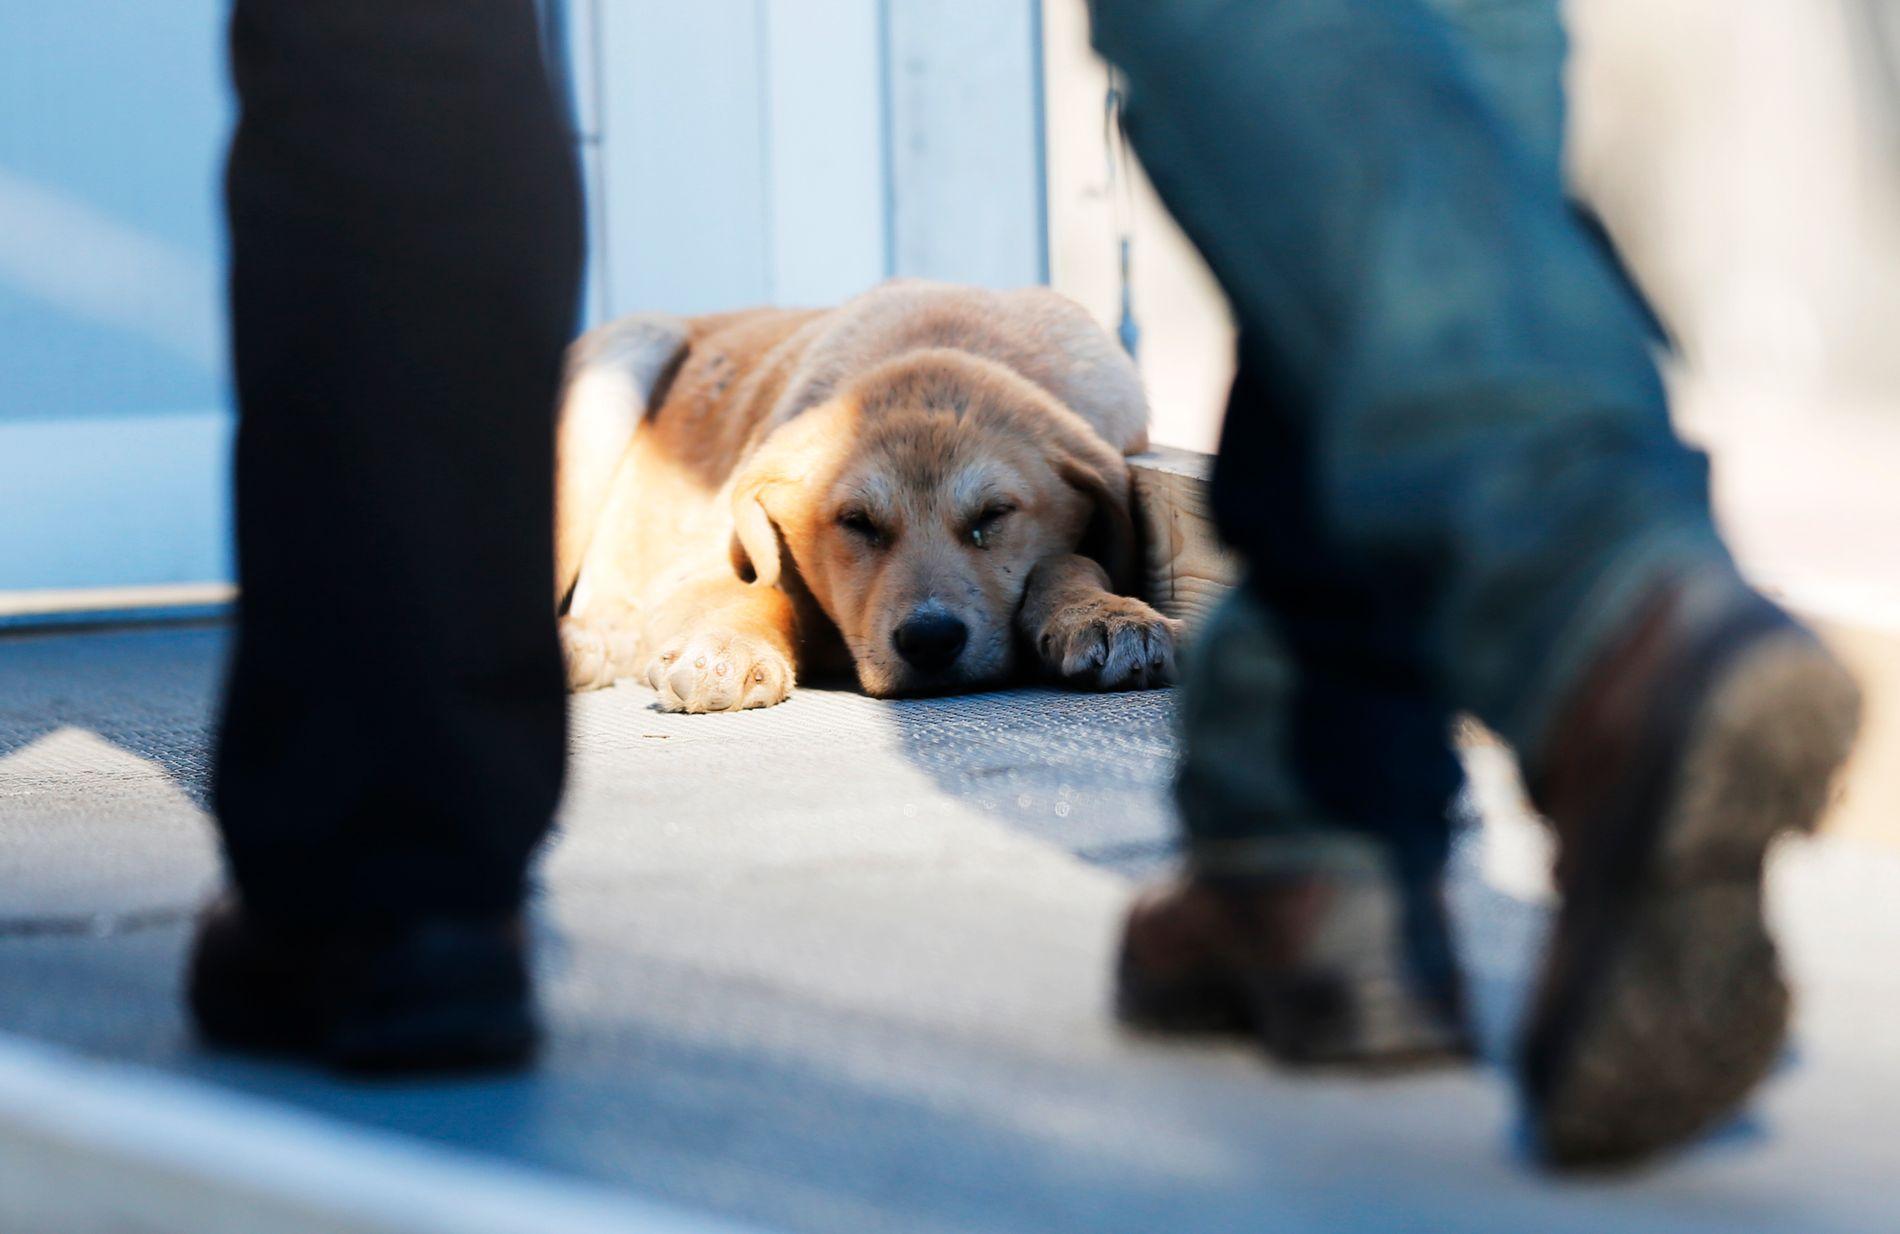 IMPORTSTOPP: Mattilsynet ønsker å stoppe import av gatehunder til Norge. Nå strammes regelverket kraftig inn.